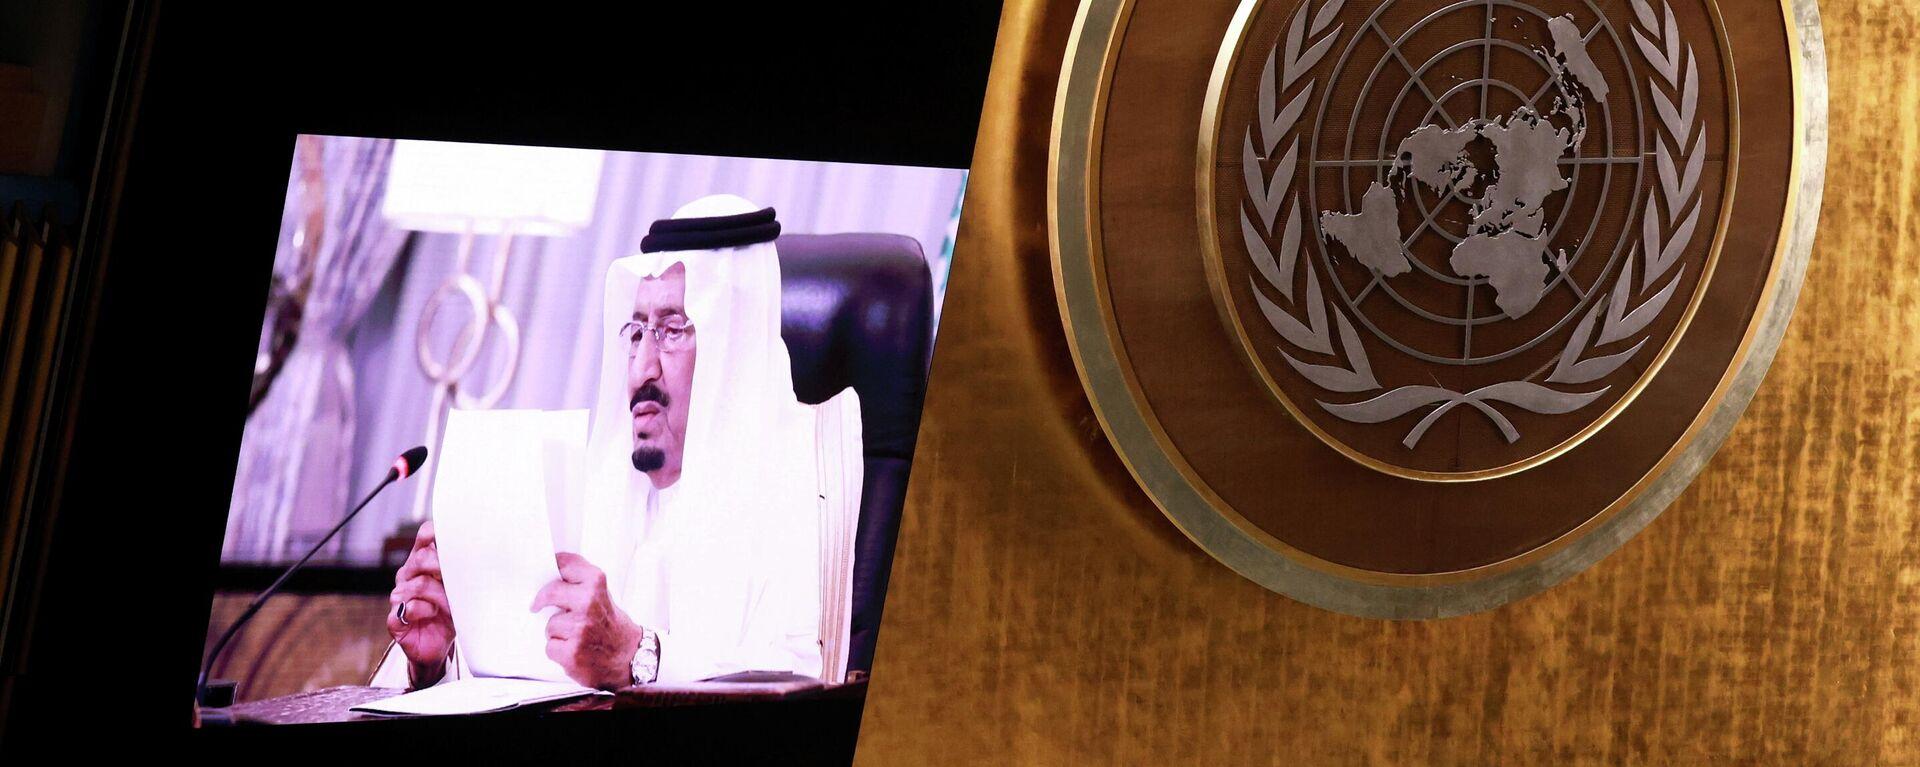 Suudi Arabistan Kralı Selman, Birleşmiş Milletler (BM) 76. Genel Kurulu'nda telekonferans aracılığıyla bir konuşma yaptı. - Sputnik Türkiye, 1920, 23.09.2021